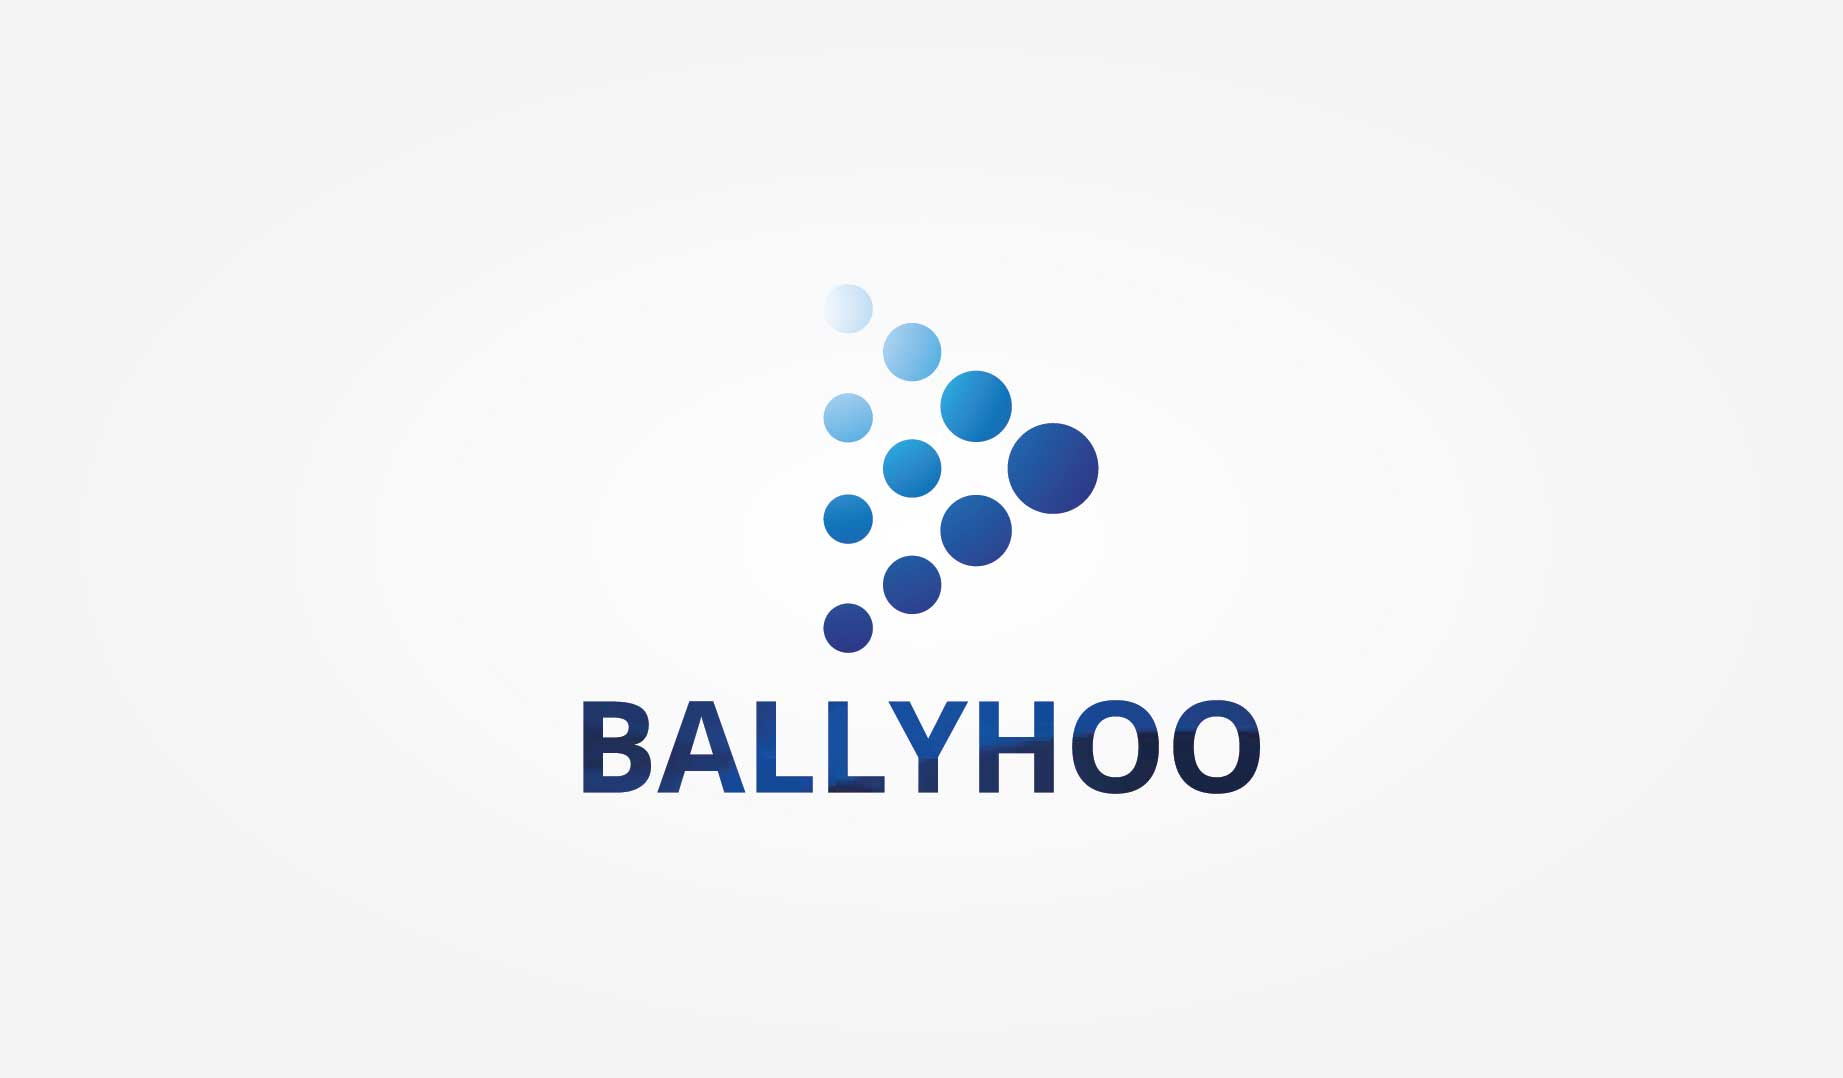 logo design service for Ballyhoo